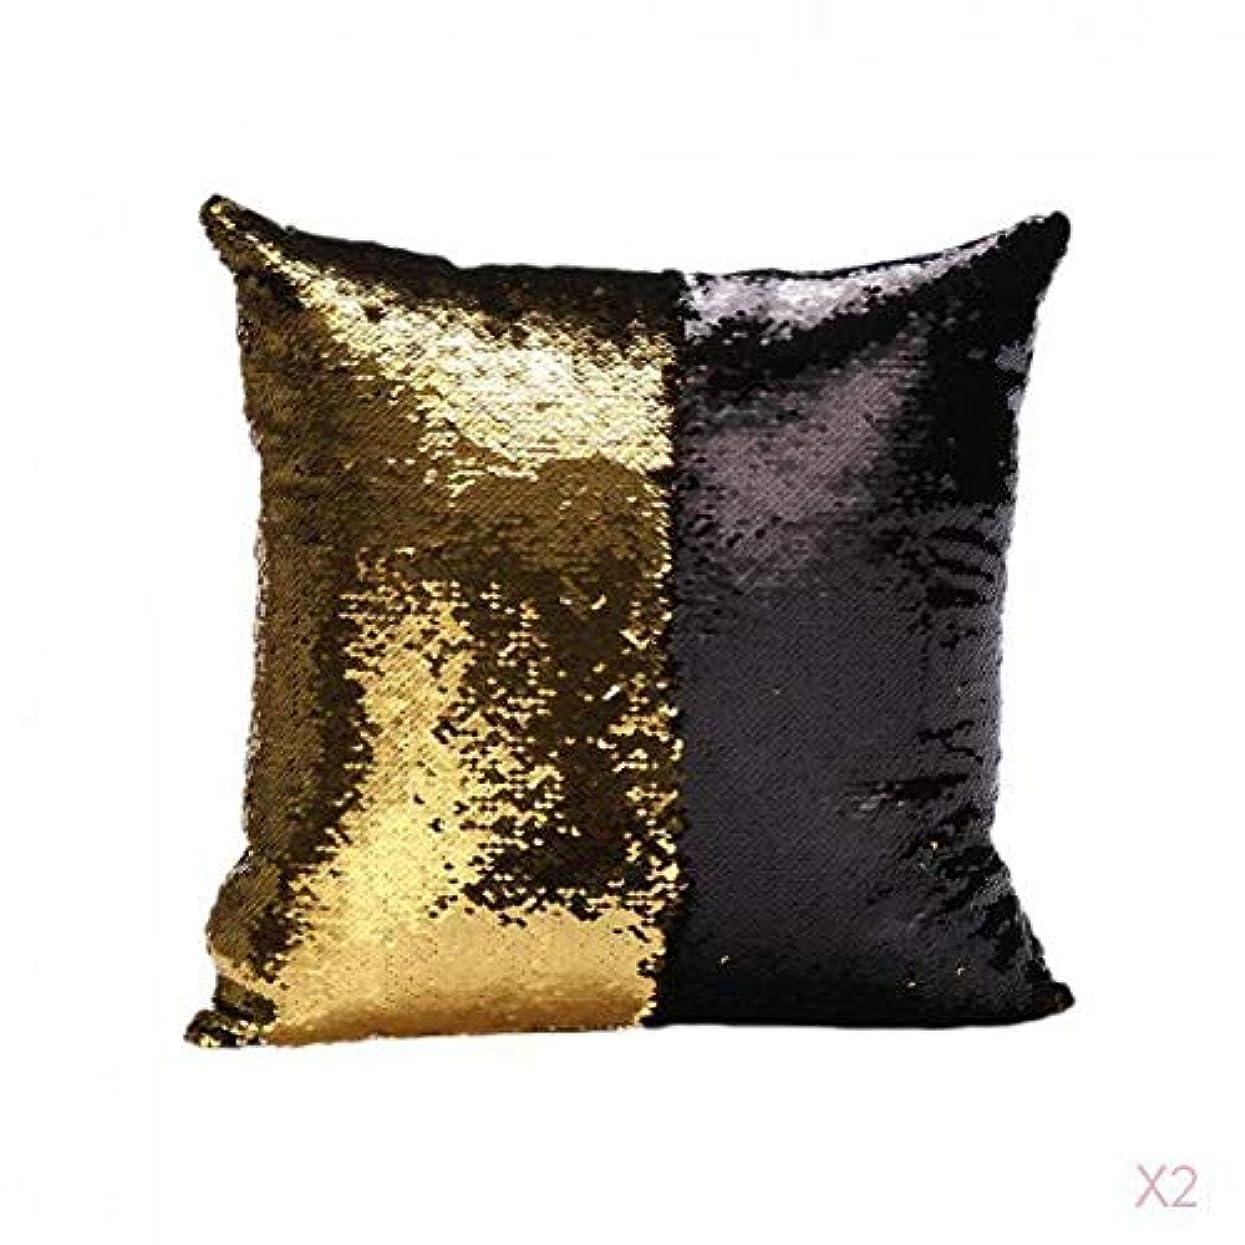 機密ボランティア三十可逆スエードスパンコールソファ腰クッションカバーベッドの枕カバースリップ黒